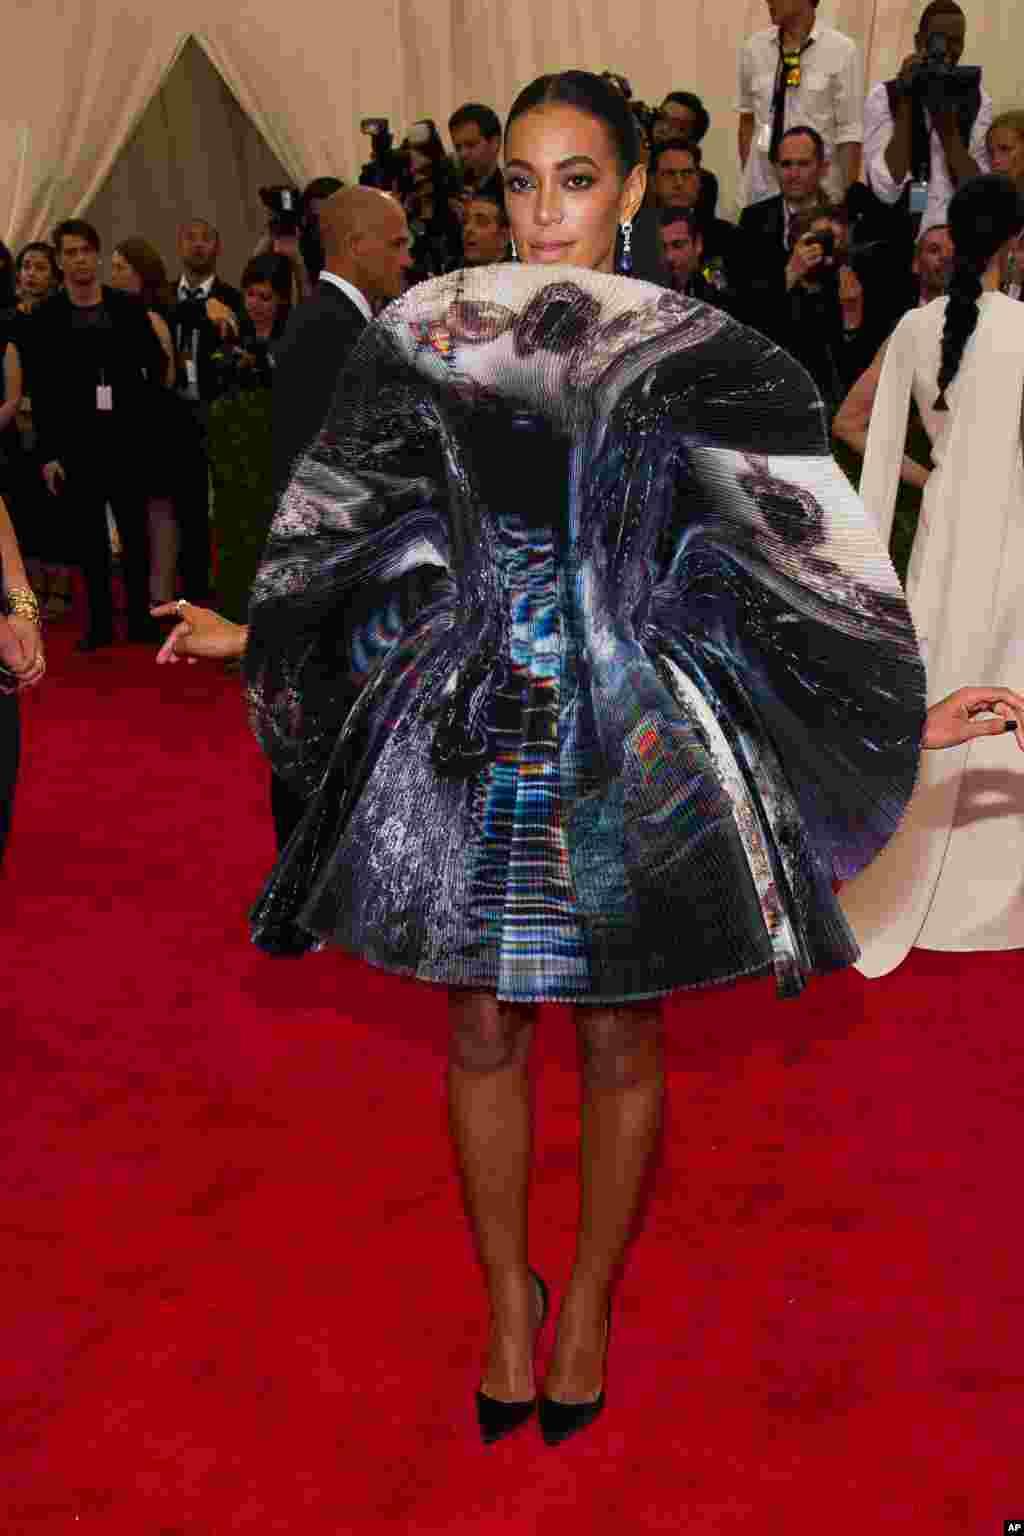 Solange Knowles, irmã da cantora Beyoncé, deixou bem menos à mostra com o vestido que escolheu.